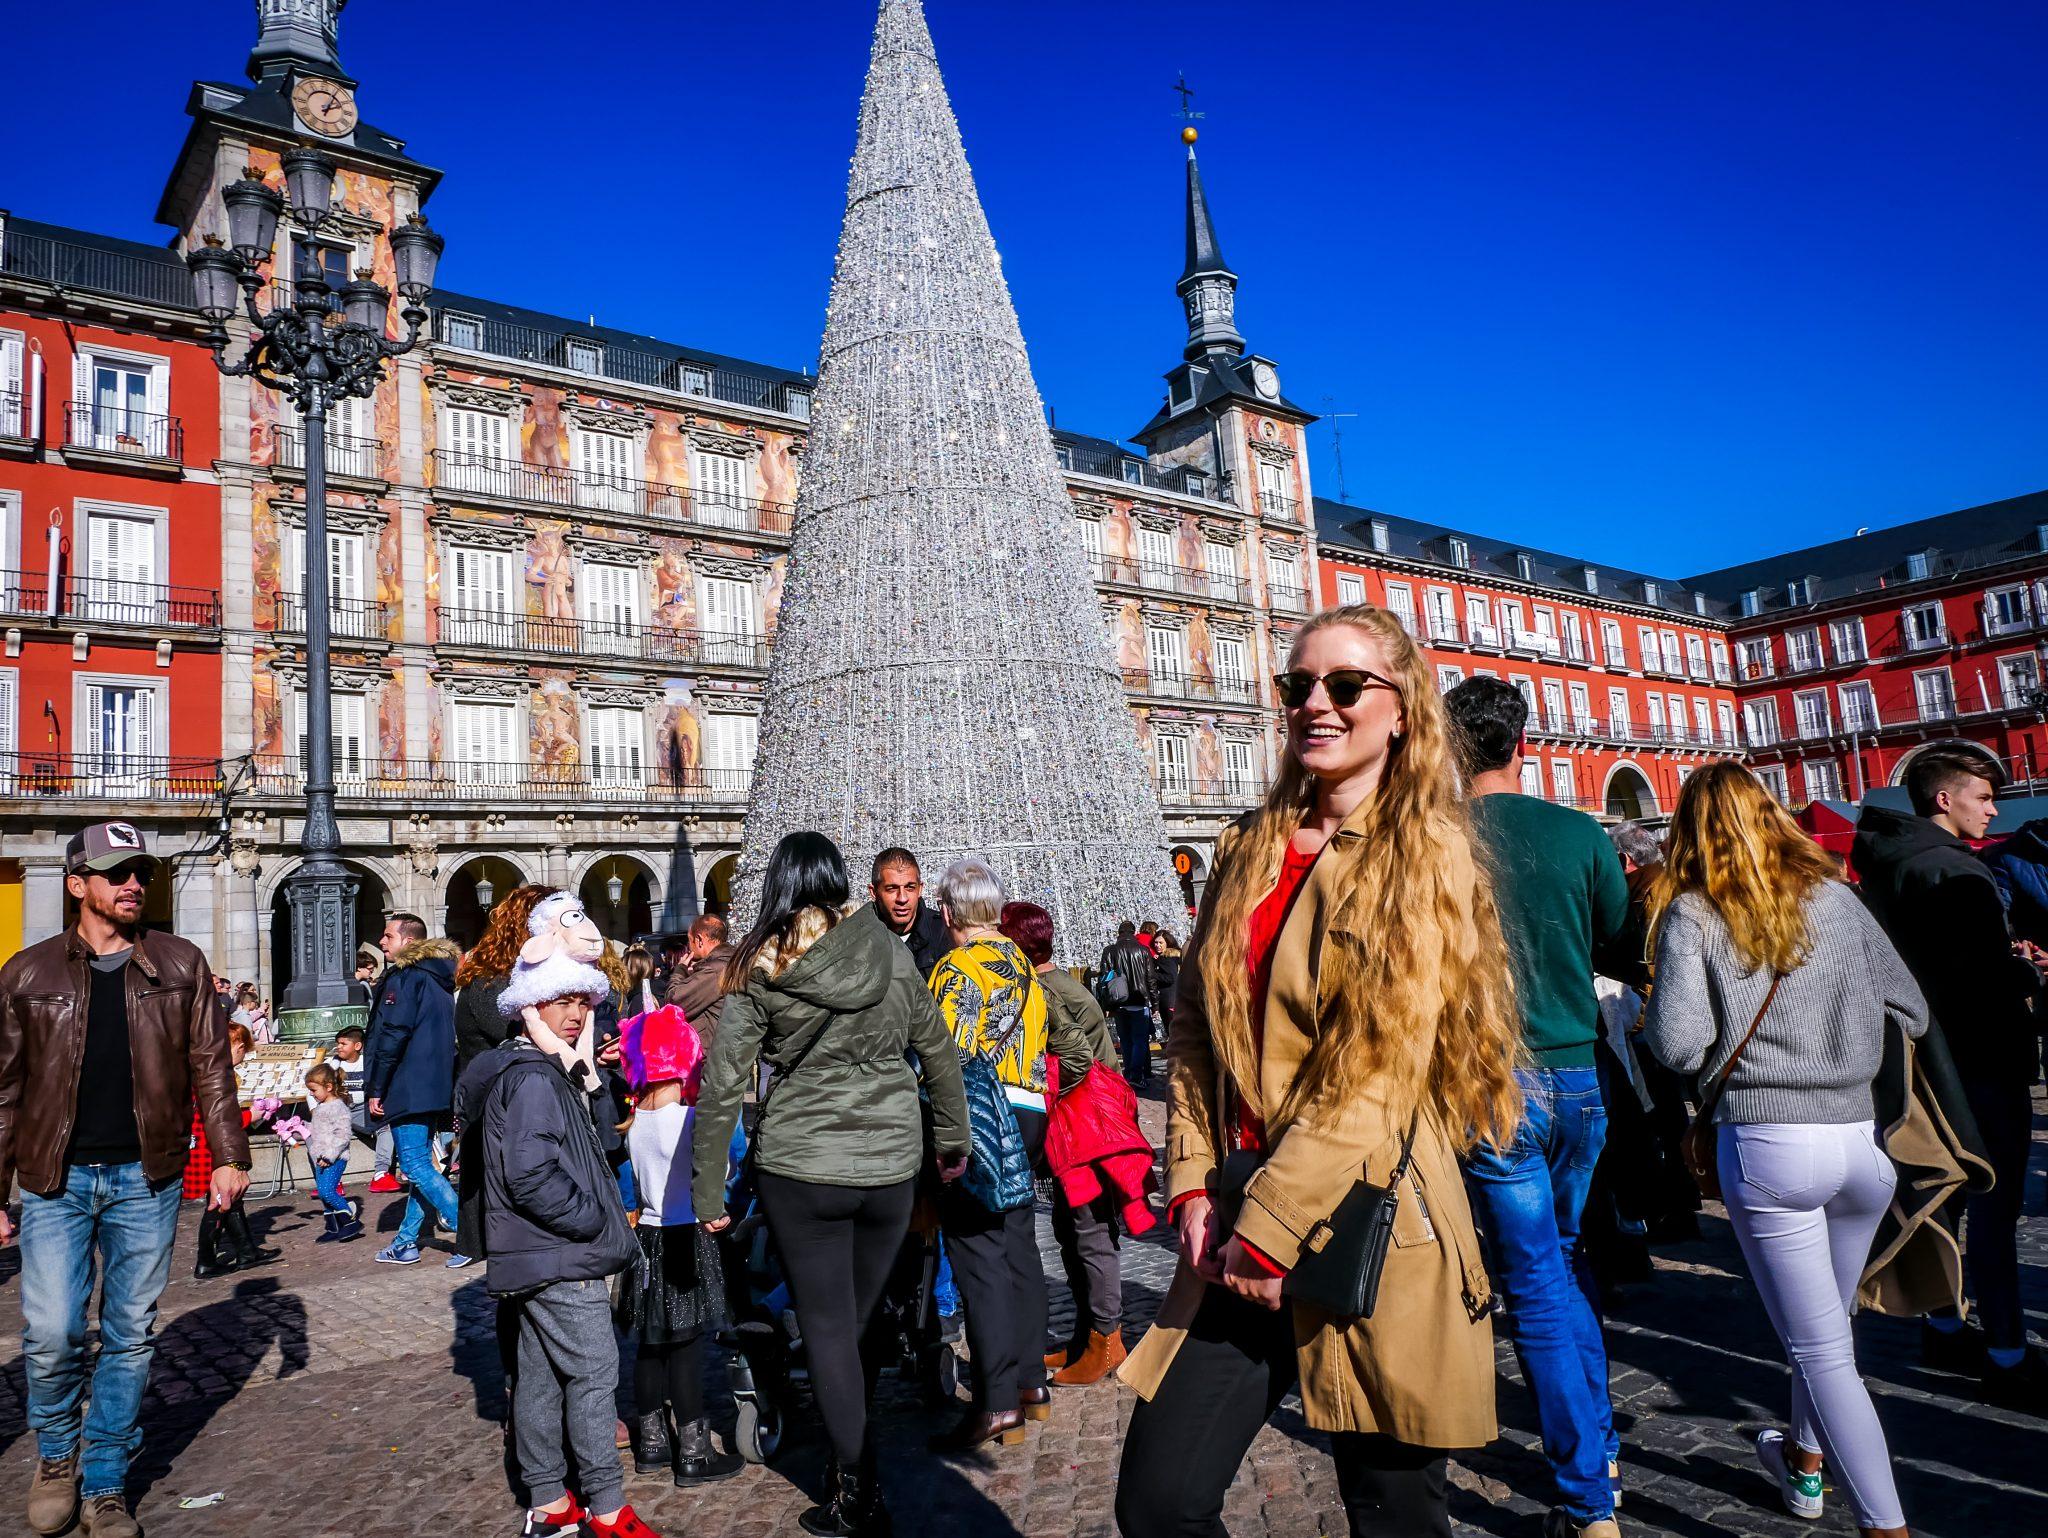 Auch bei Tag glänzt der Weihnachtsbaum am Plaza Major wirklich toll!